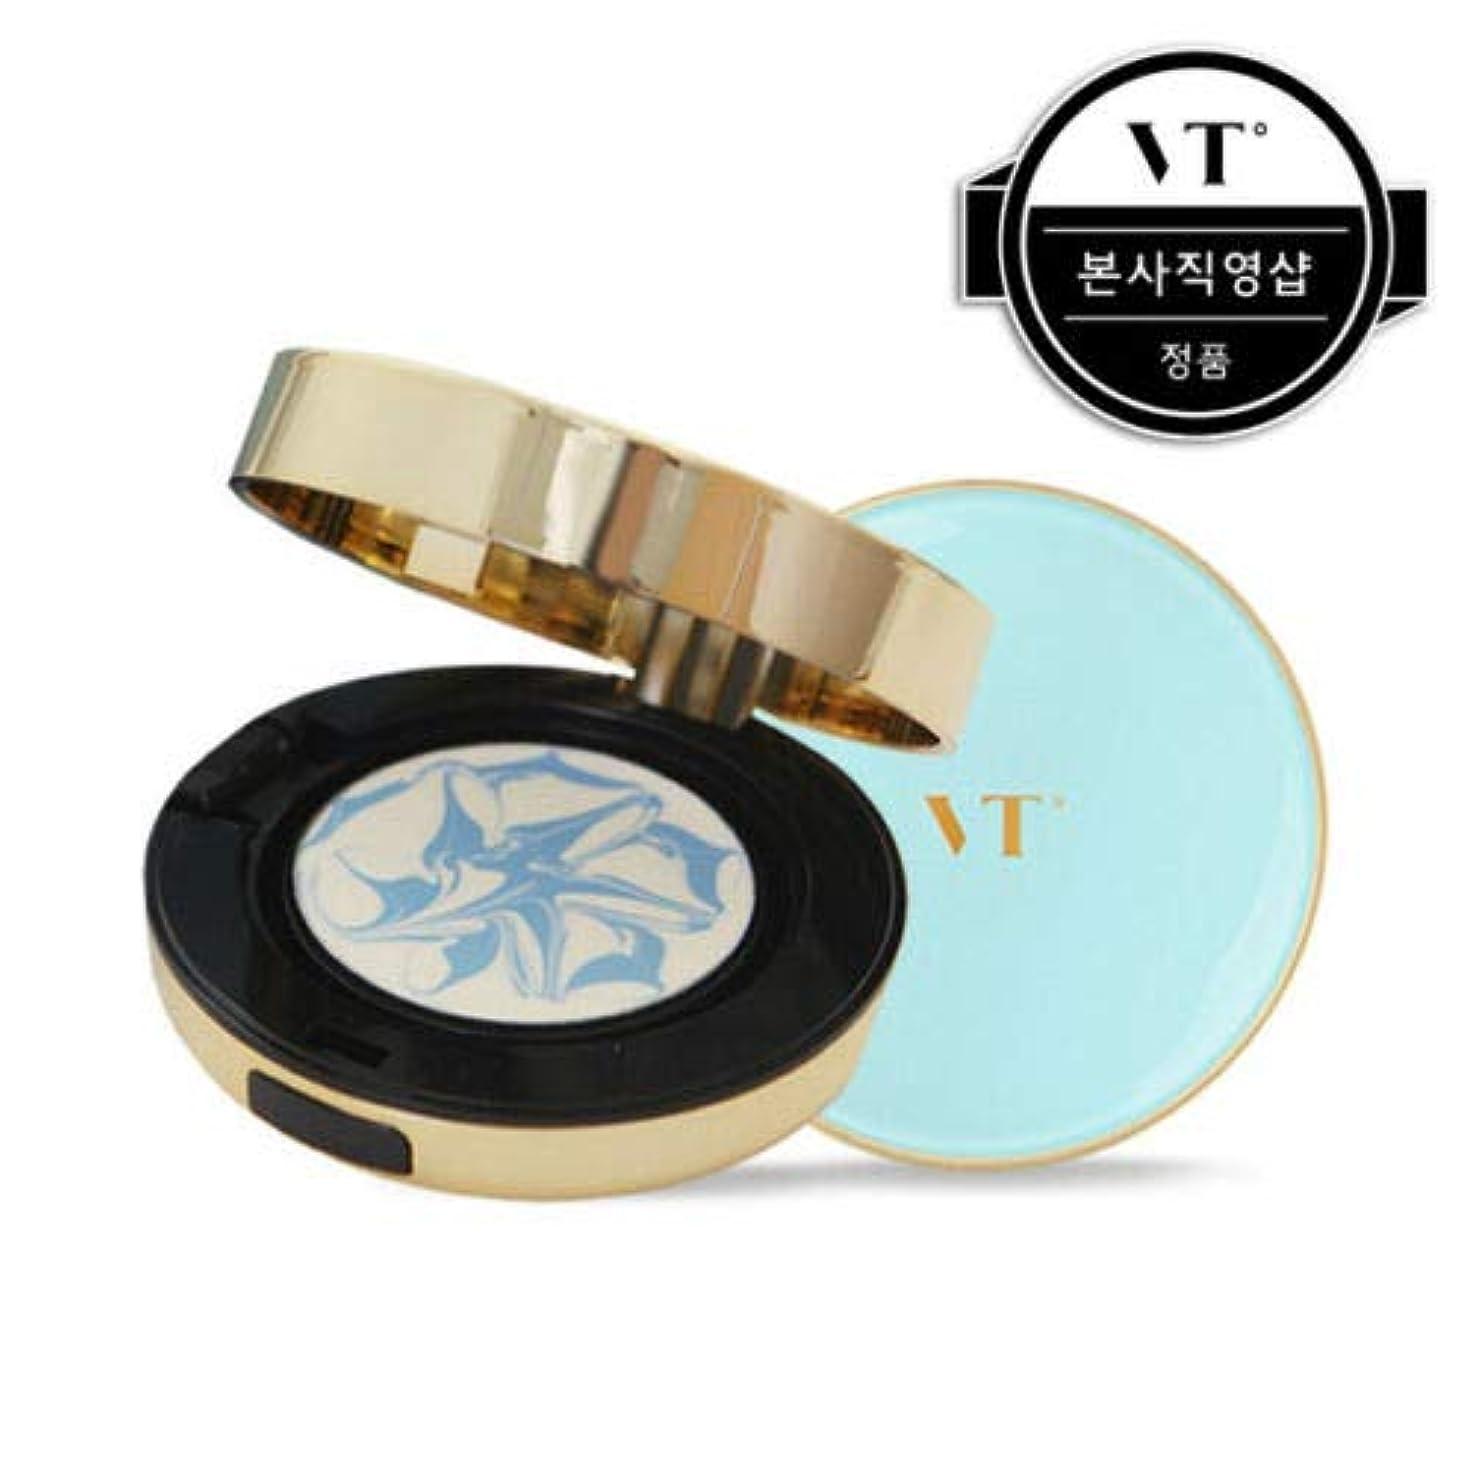 分岐する生産性癌VT Cosmetic Essence Sun Pact エッセンス サン パクト 本品11g + リフィール 11g, SPF50+/PA+++